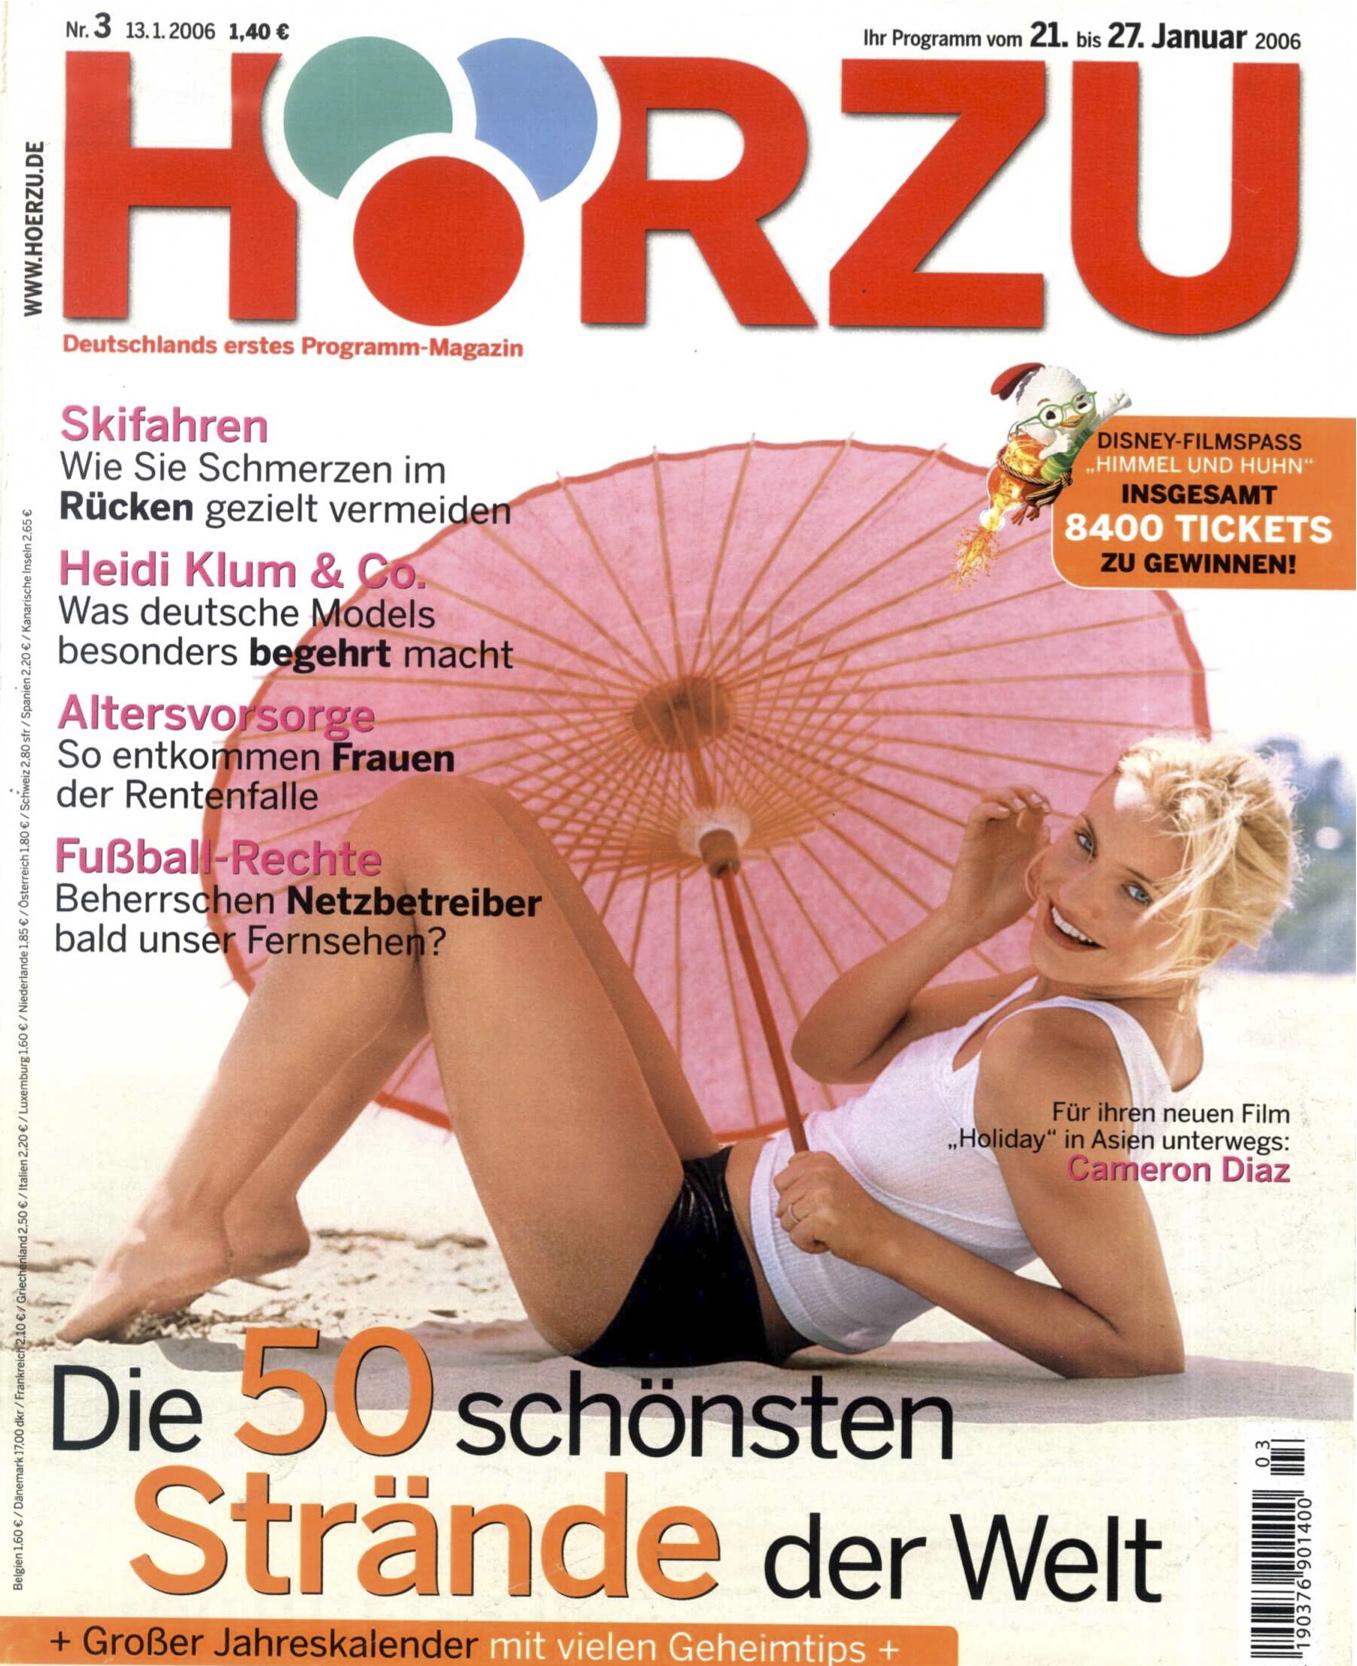 HZ_13.1.2006_Cover.jpg